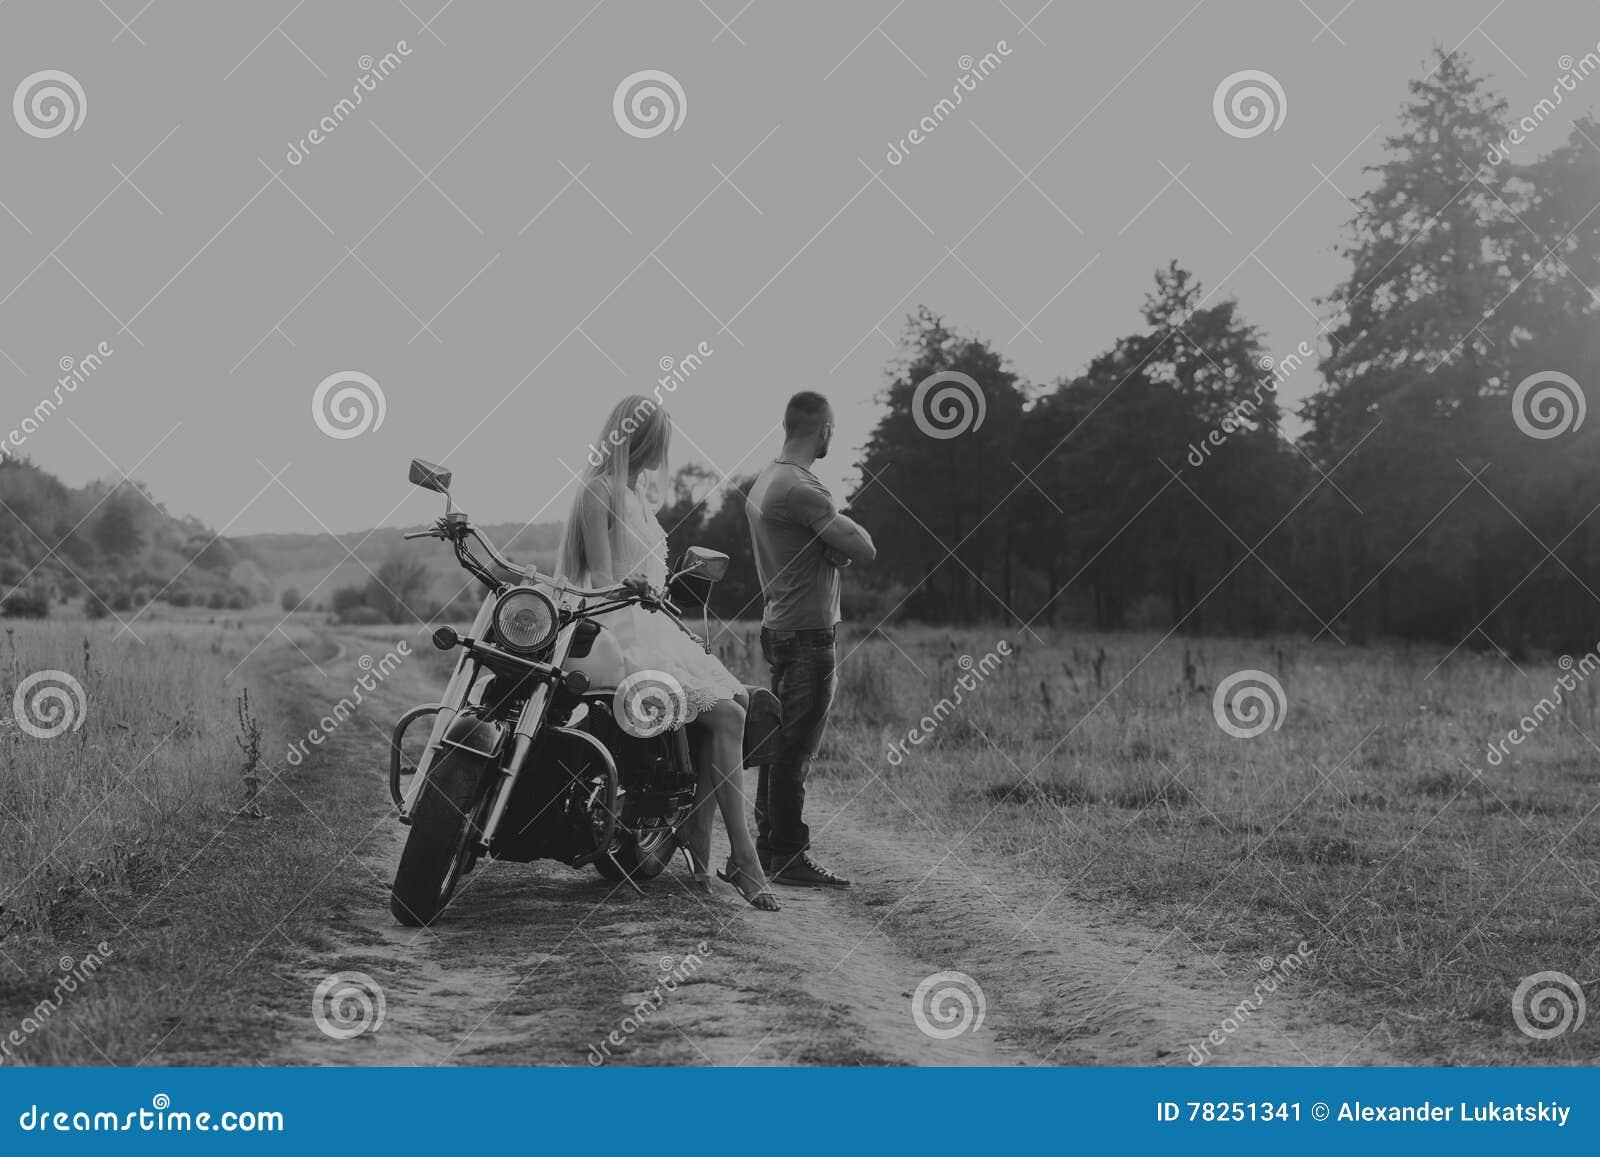 Парень с девушкой в поле на мотоцикле